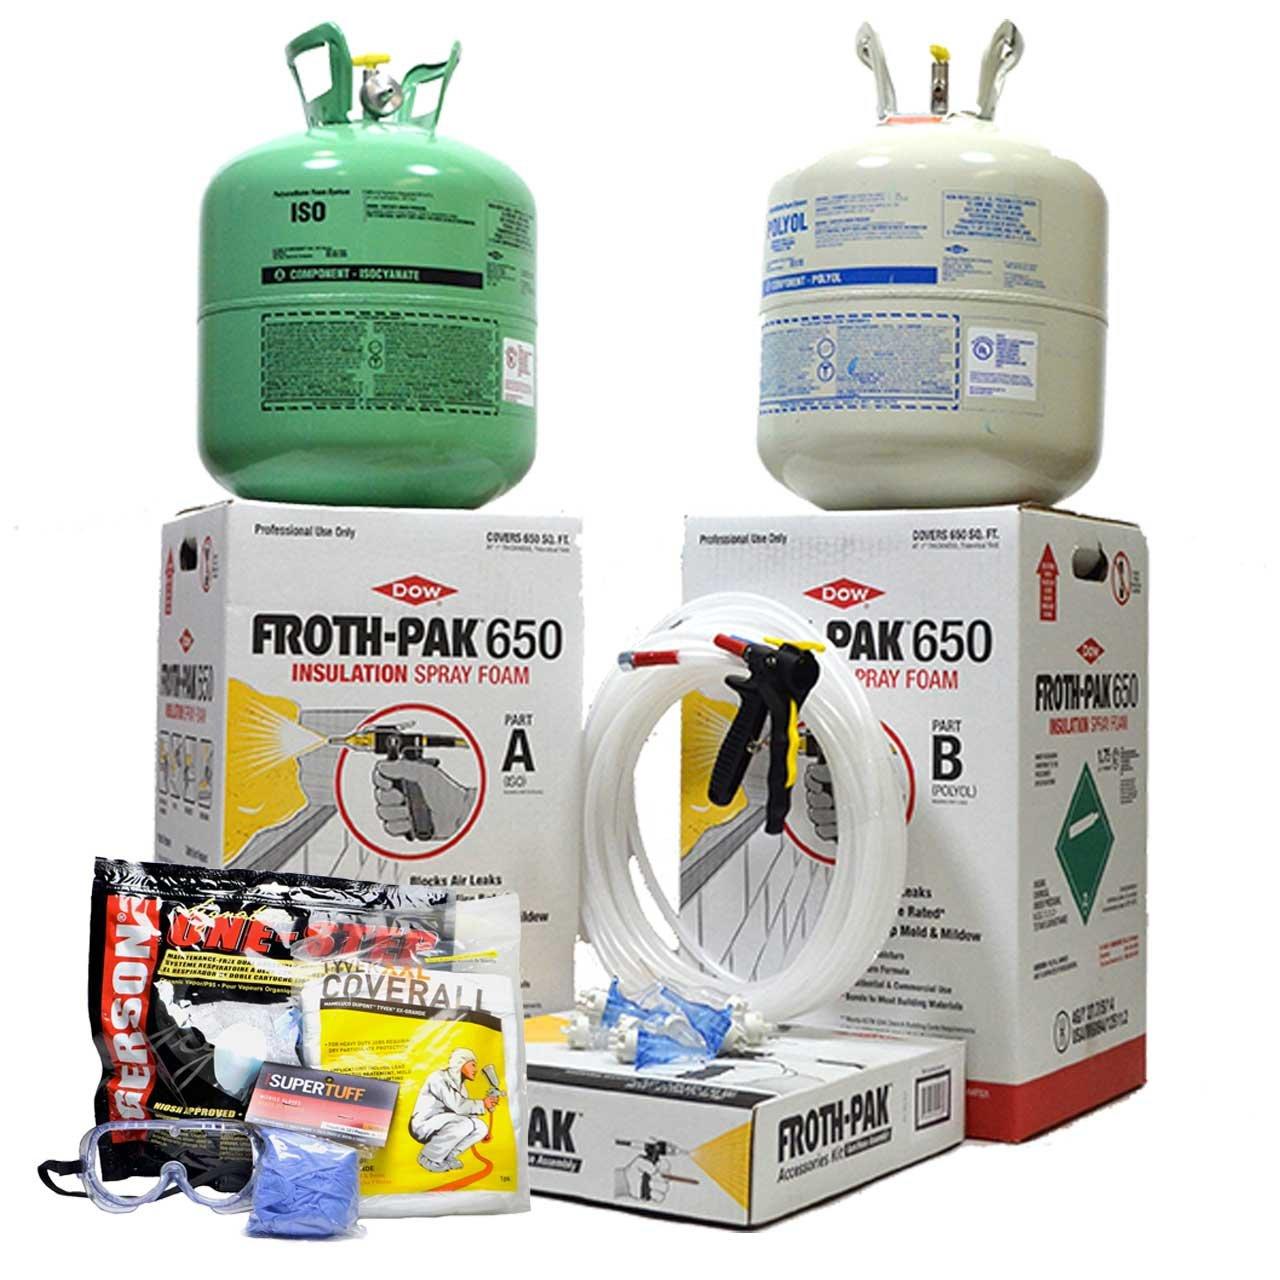 Dow espuma Pak 650, completo Kit de aislamiento de espuma de spray, clase A Fuego nominal cubre 650 pies cuadrados (1 pulgada de grosor) con Kit de ...